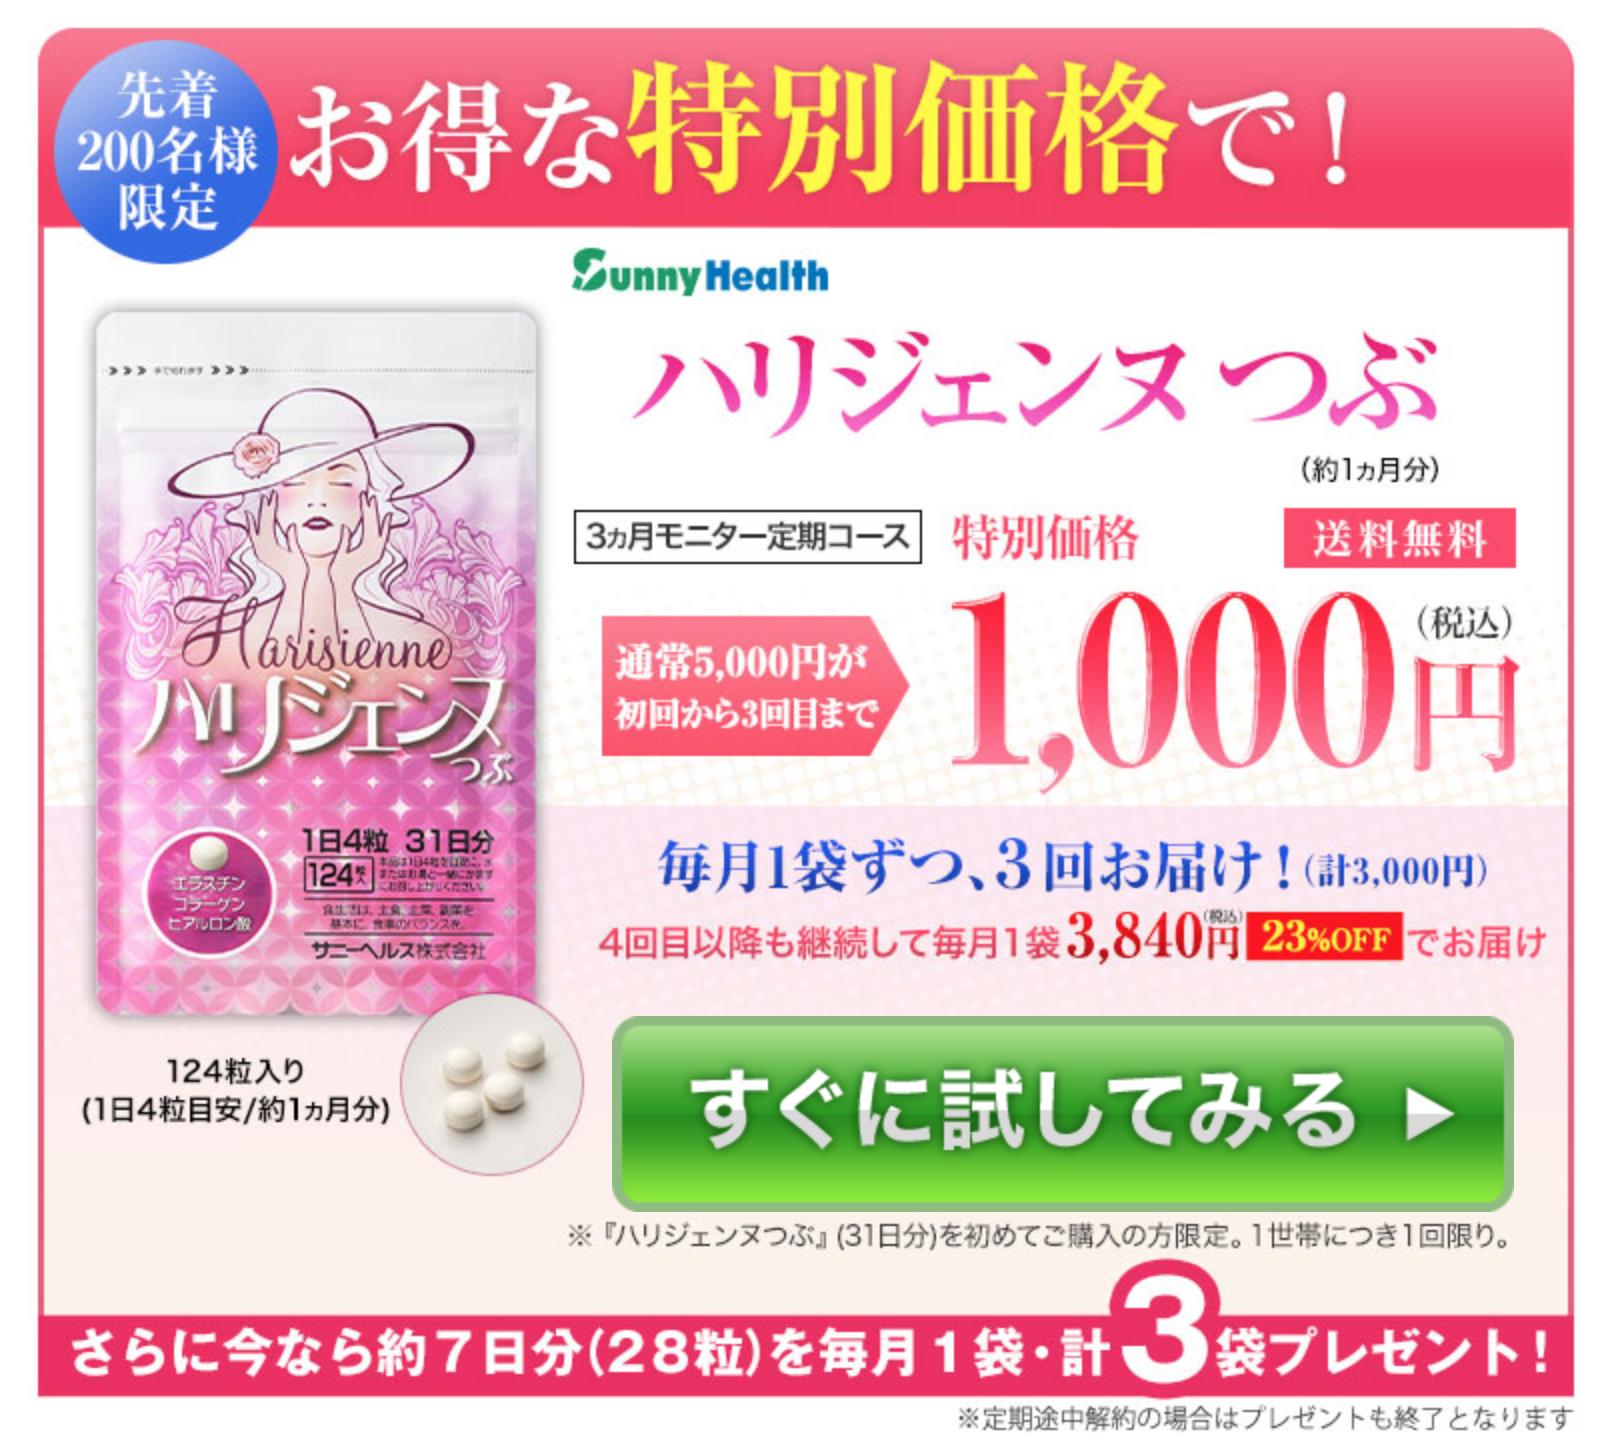 ハリジェンヌの1000円モニター